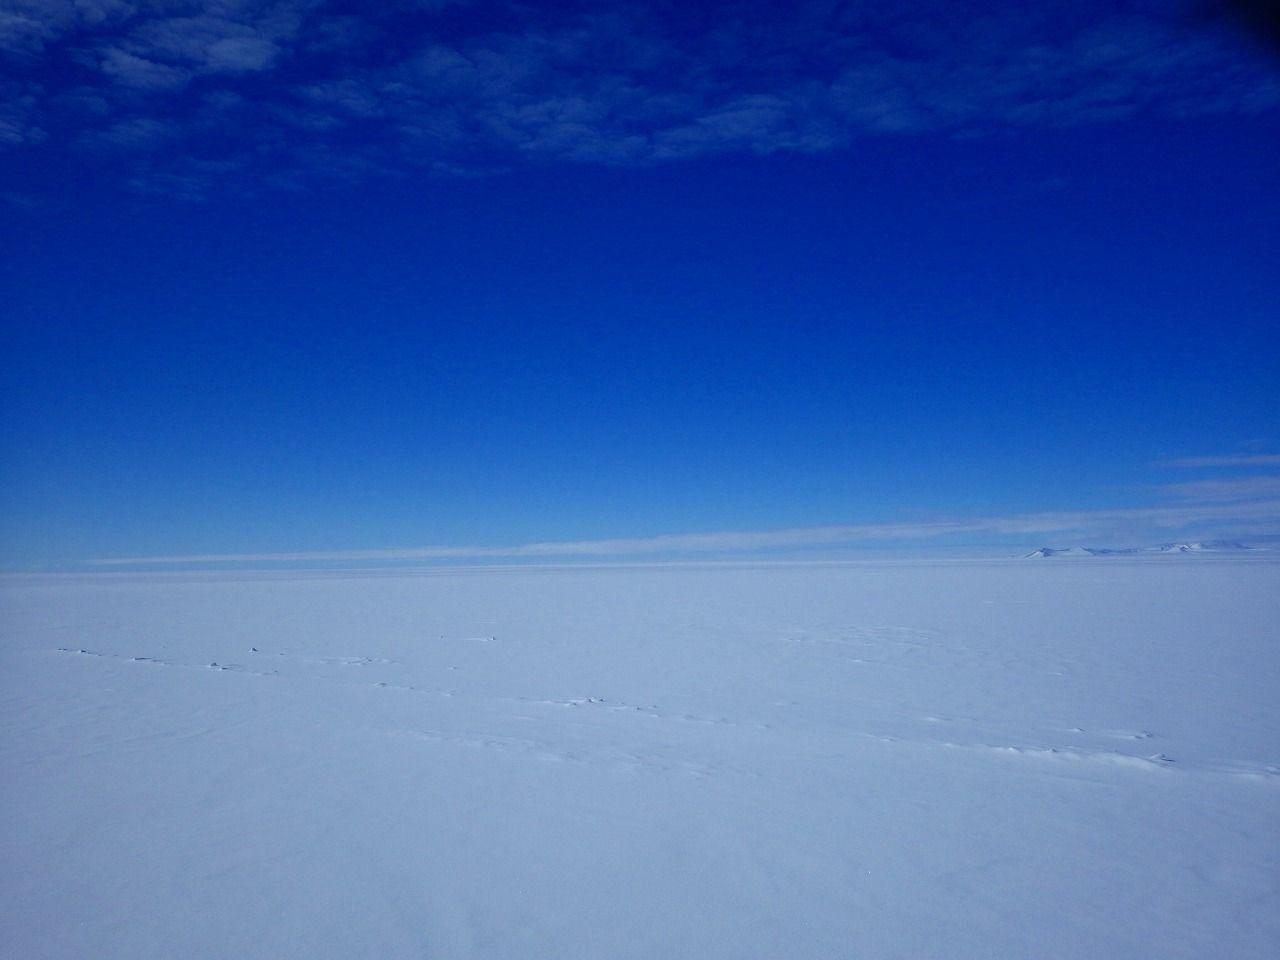 雪と氷の大陸、南極を歩いてみよう!